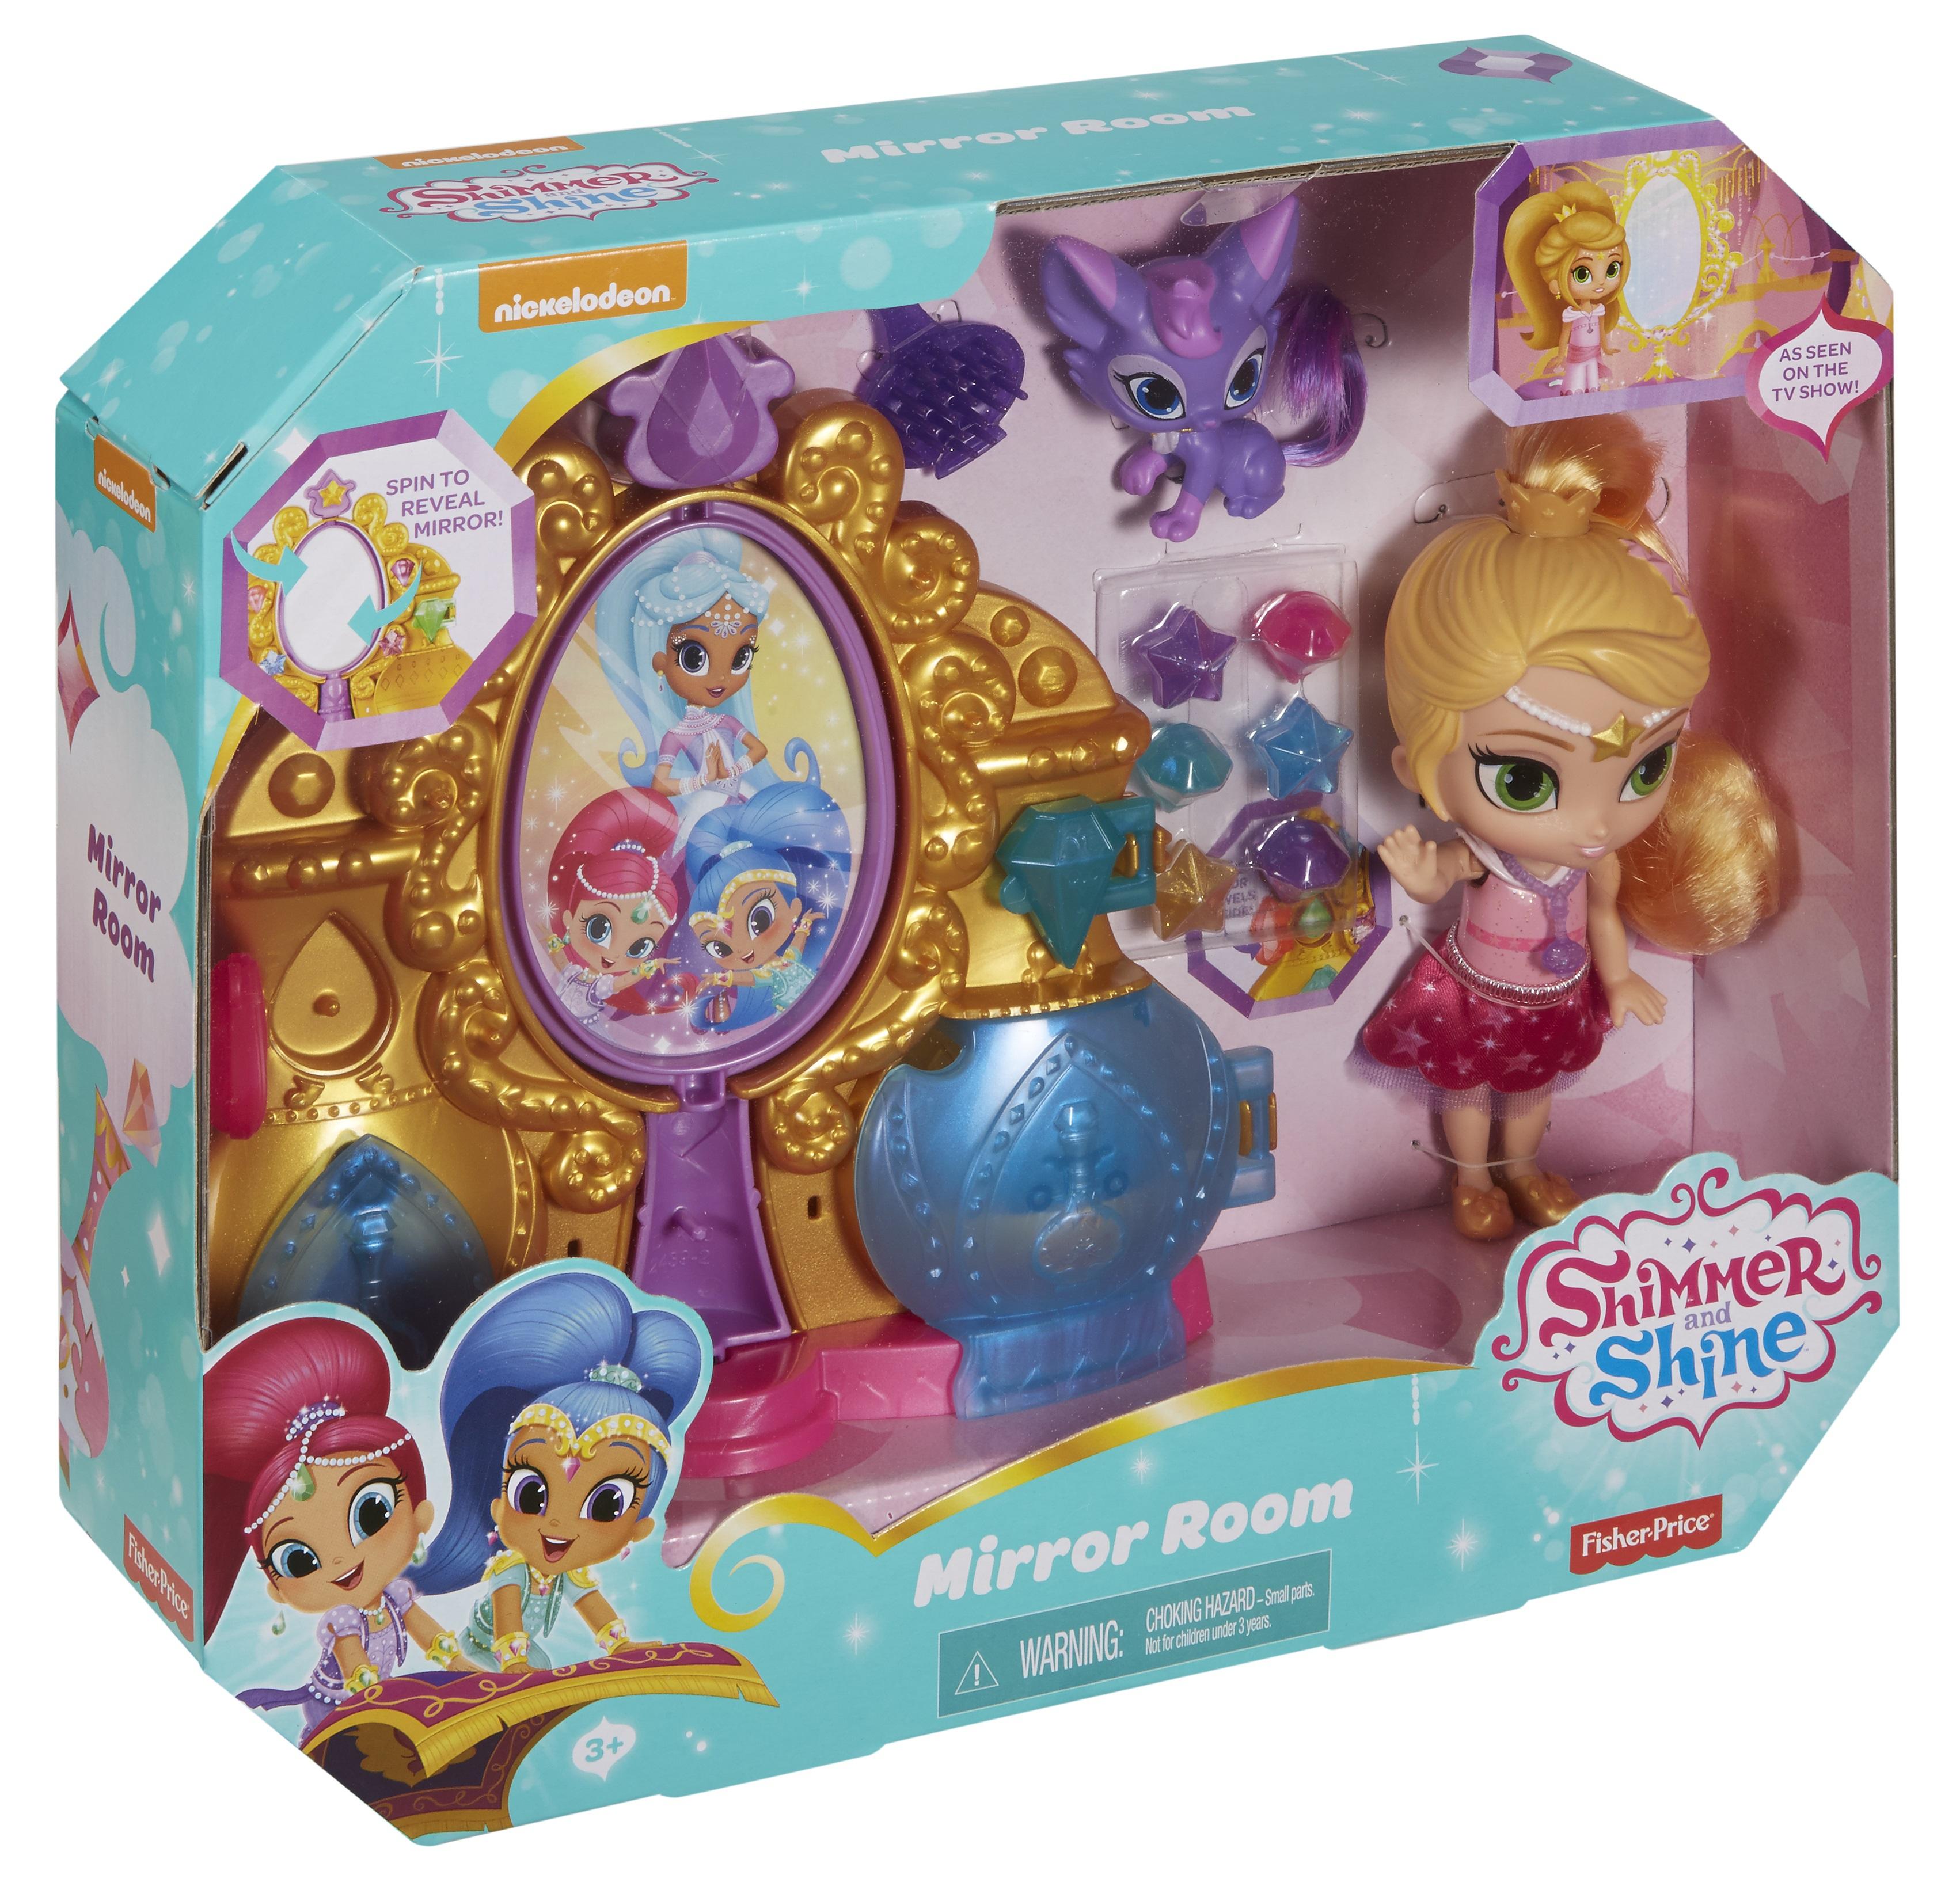 Игровые наборы и фигурки для детей Mattel Волшебная зеркальная комната игровые наборы playskool игровой набор звездные войны с фигуркой эвока